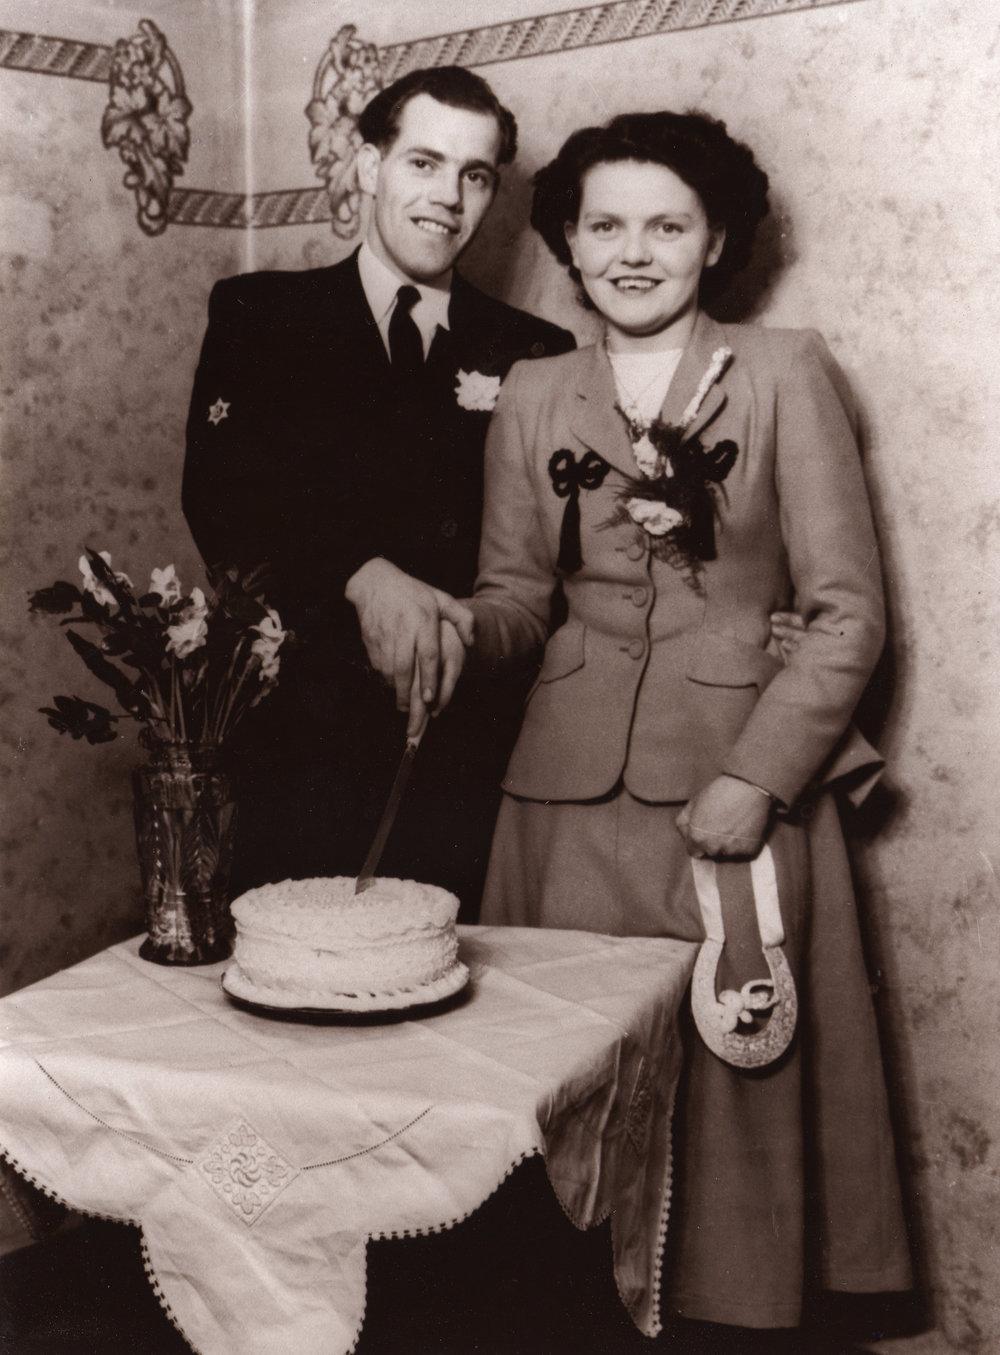 Nanna_Poppa_Wedding_Cake.jpg